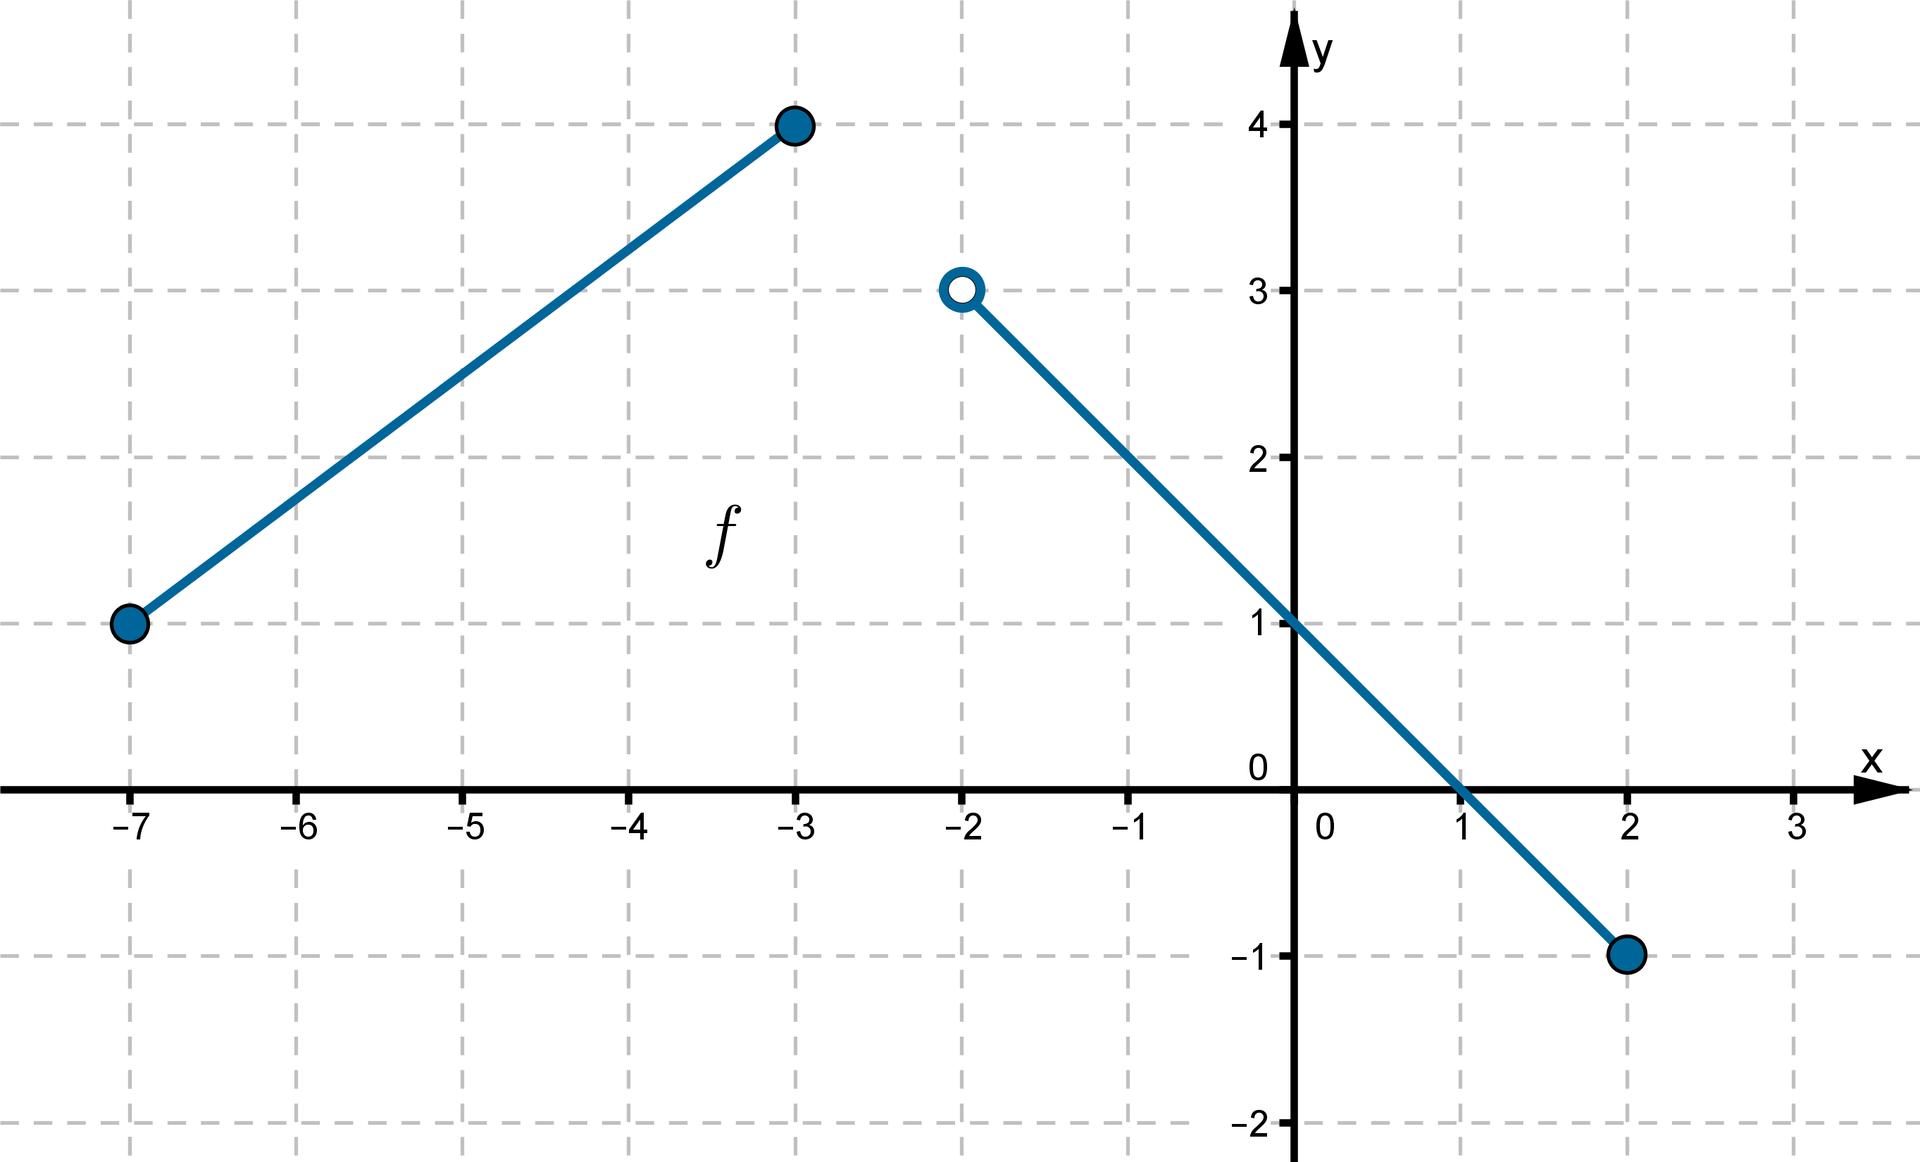 Wykres funkcji leżącej wpierwszej, drugiej iczwartej ćwiartce układu współrzędnych. Do wykresu funkcji należą punkty owspółrzędnych: (-7, 1), (-3, 4), (0, 1), (2, -1).